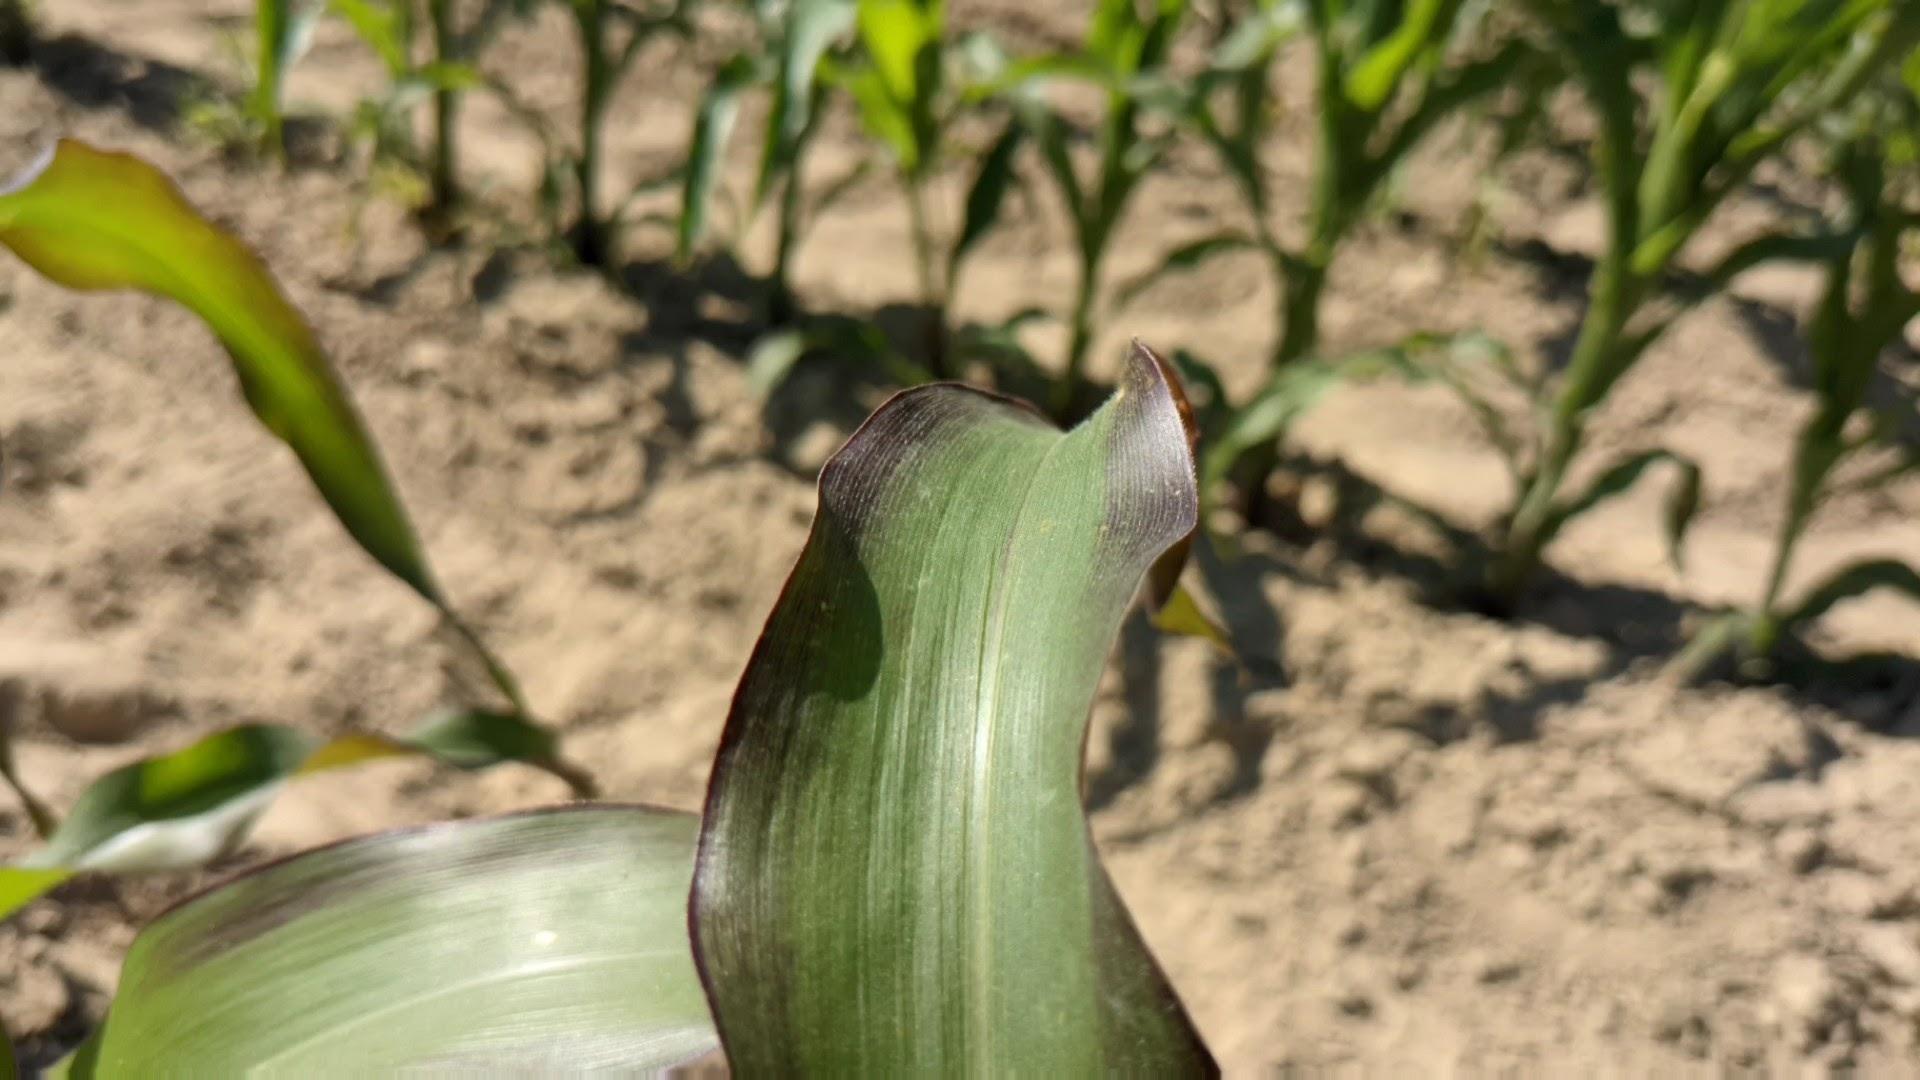 A plant experiencing phosphorus deficiency